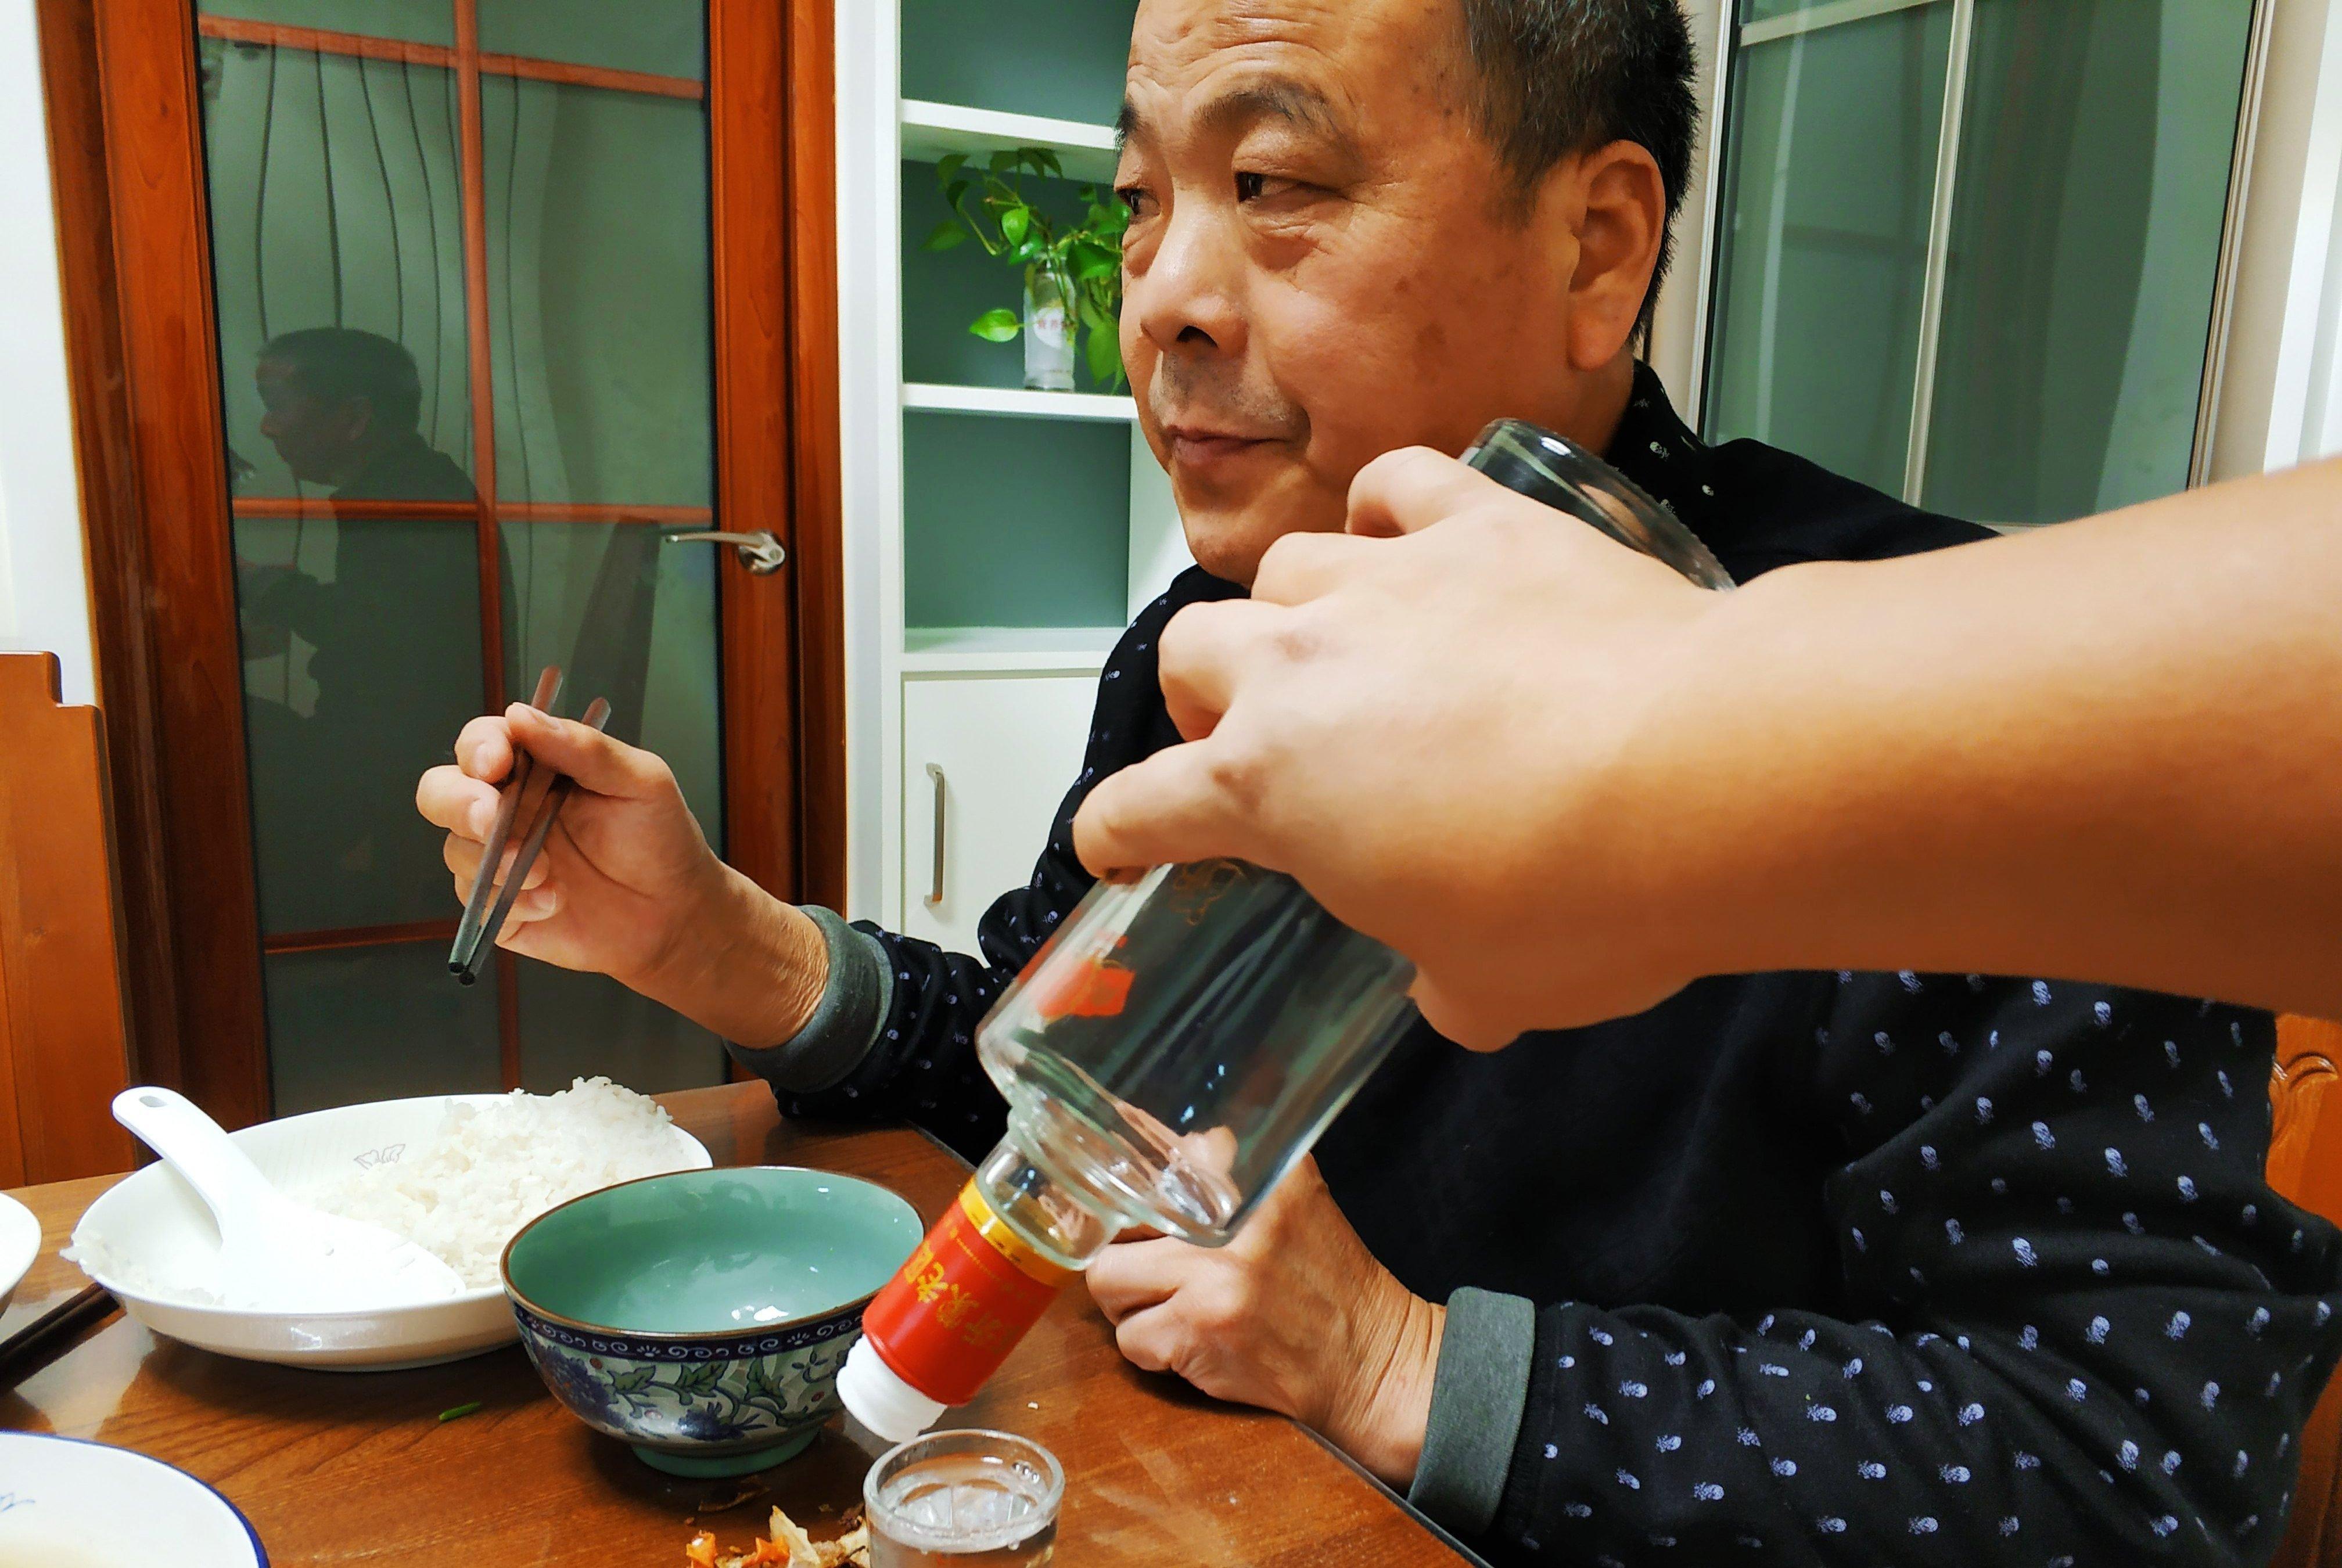 元宵节父子俩喝一斤白酒,八道家常菜有鸡有鱼,一家五口吃得饱